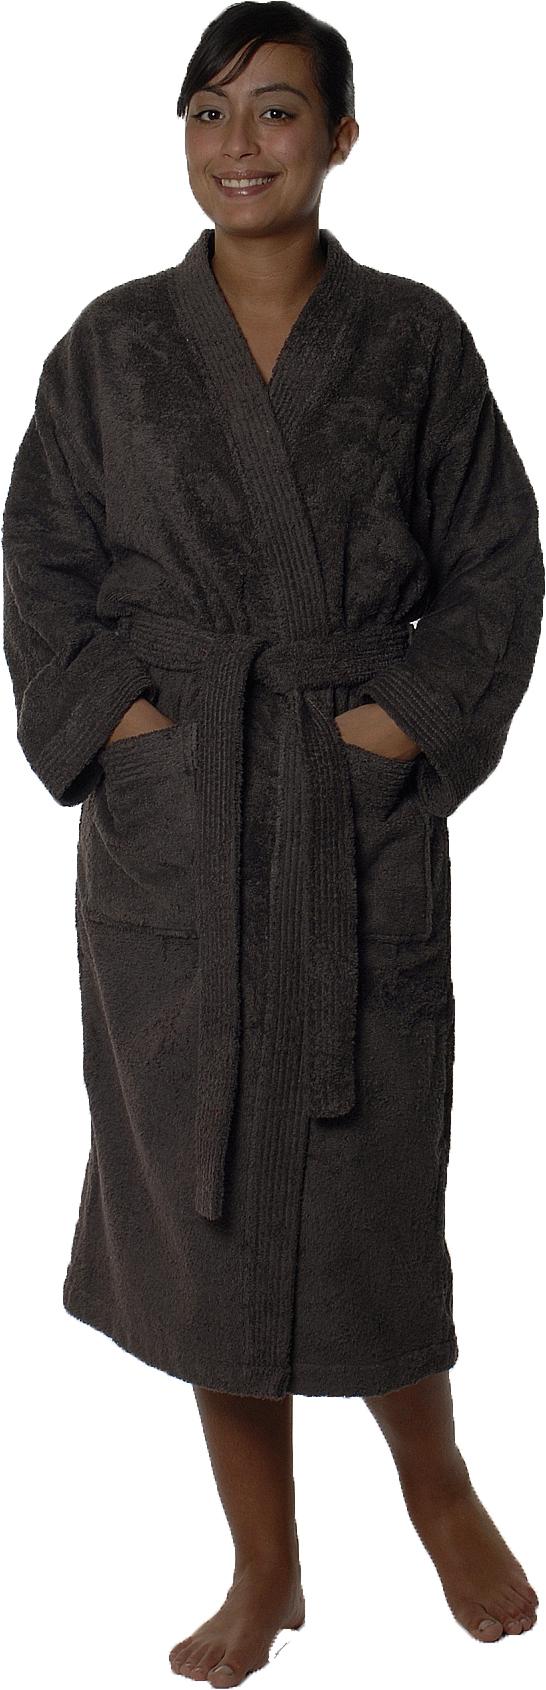 Peignoir col kimono en Coton couleur Vison Taille XXL (VISON)